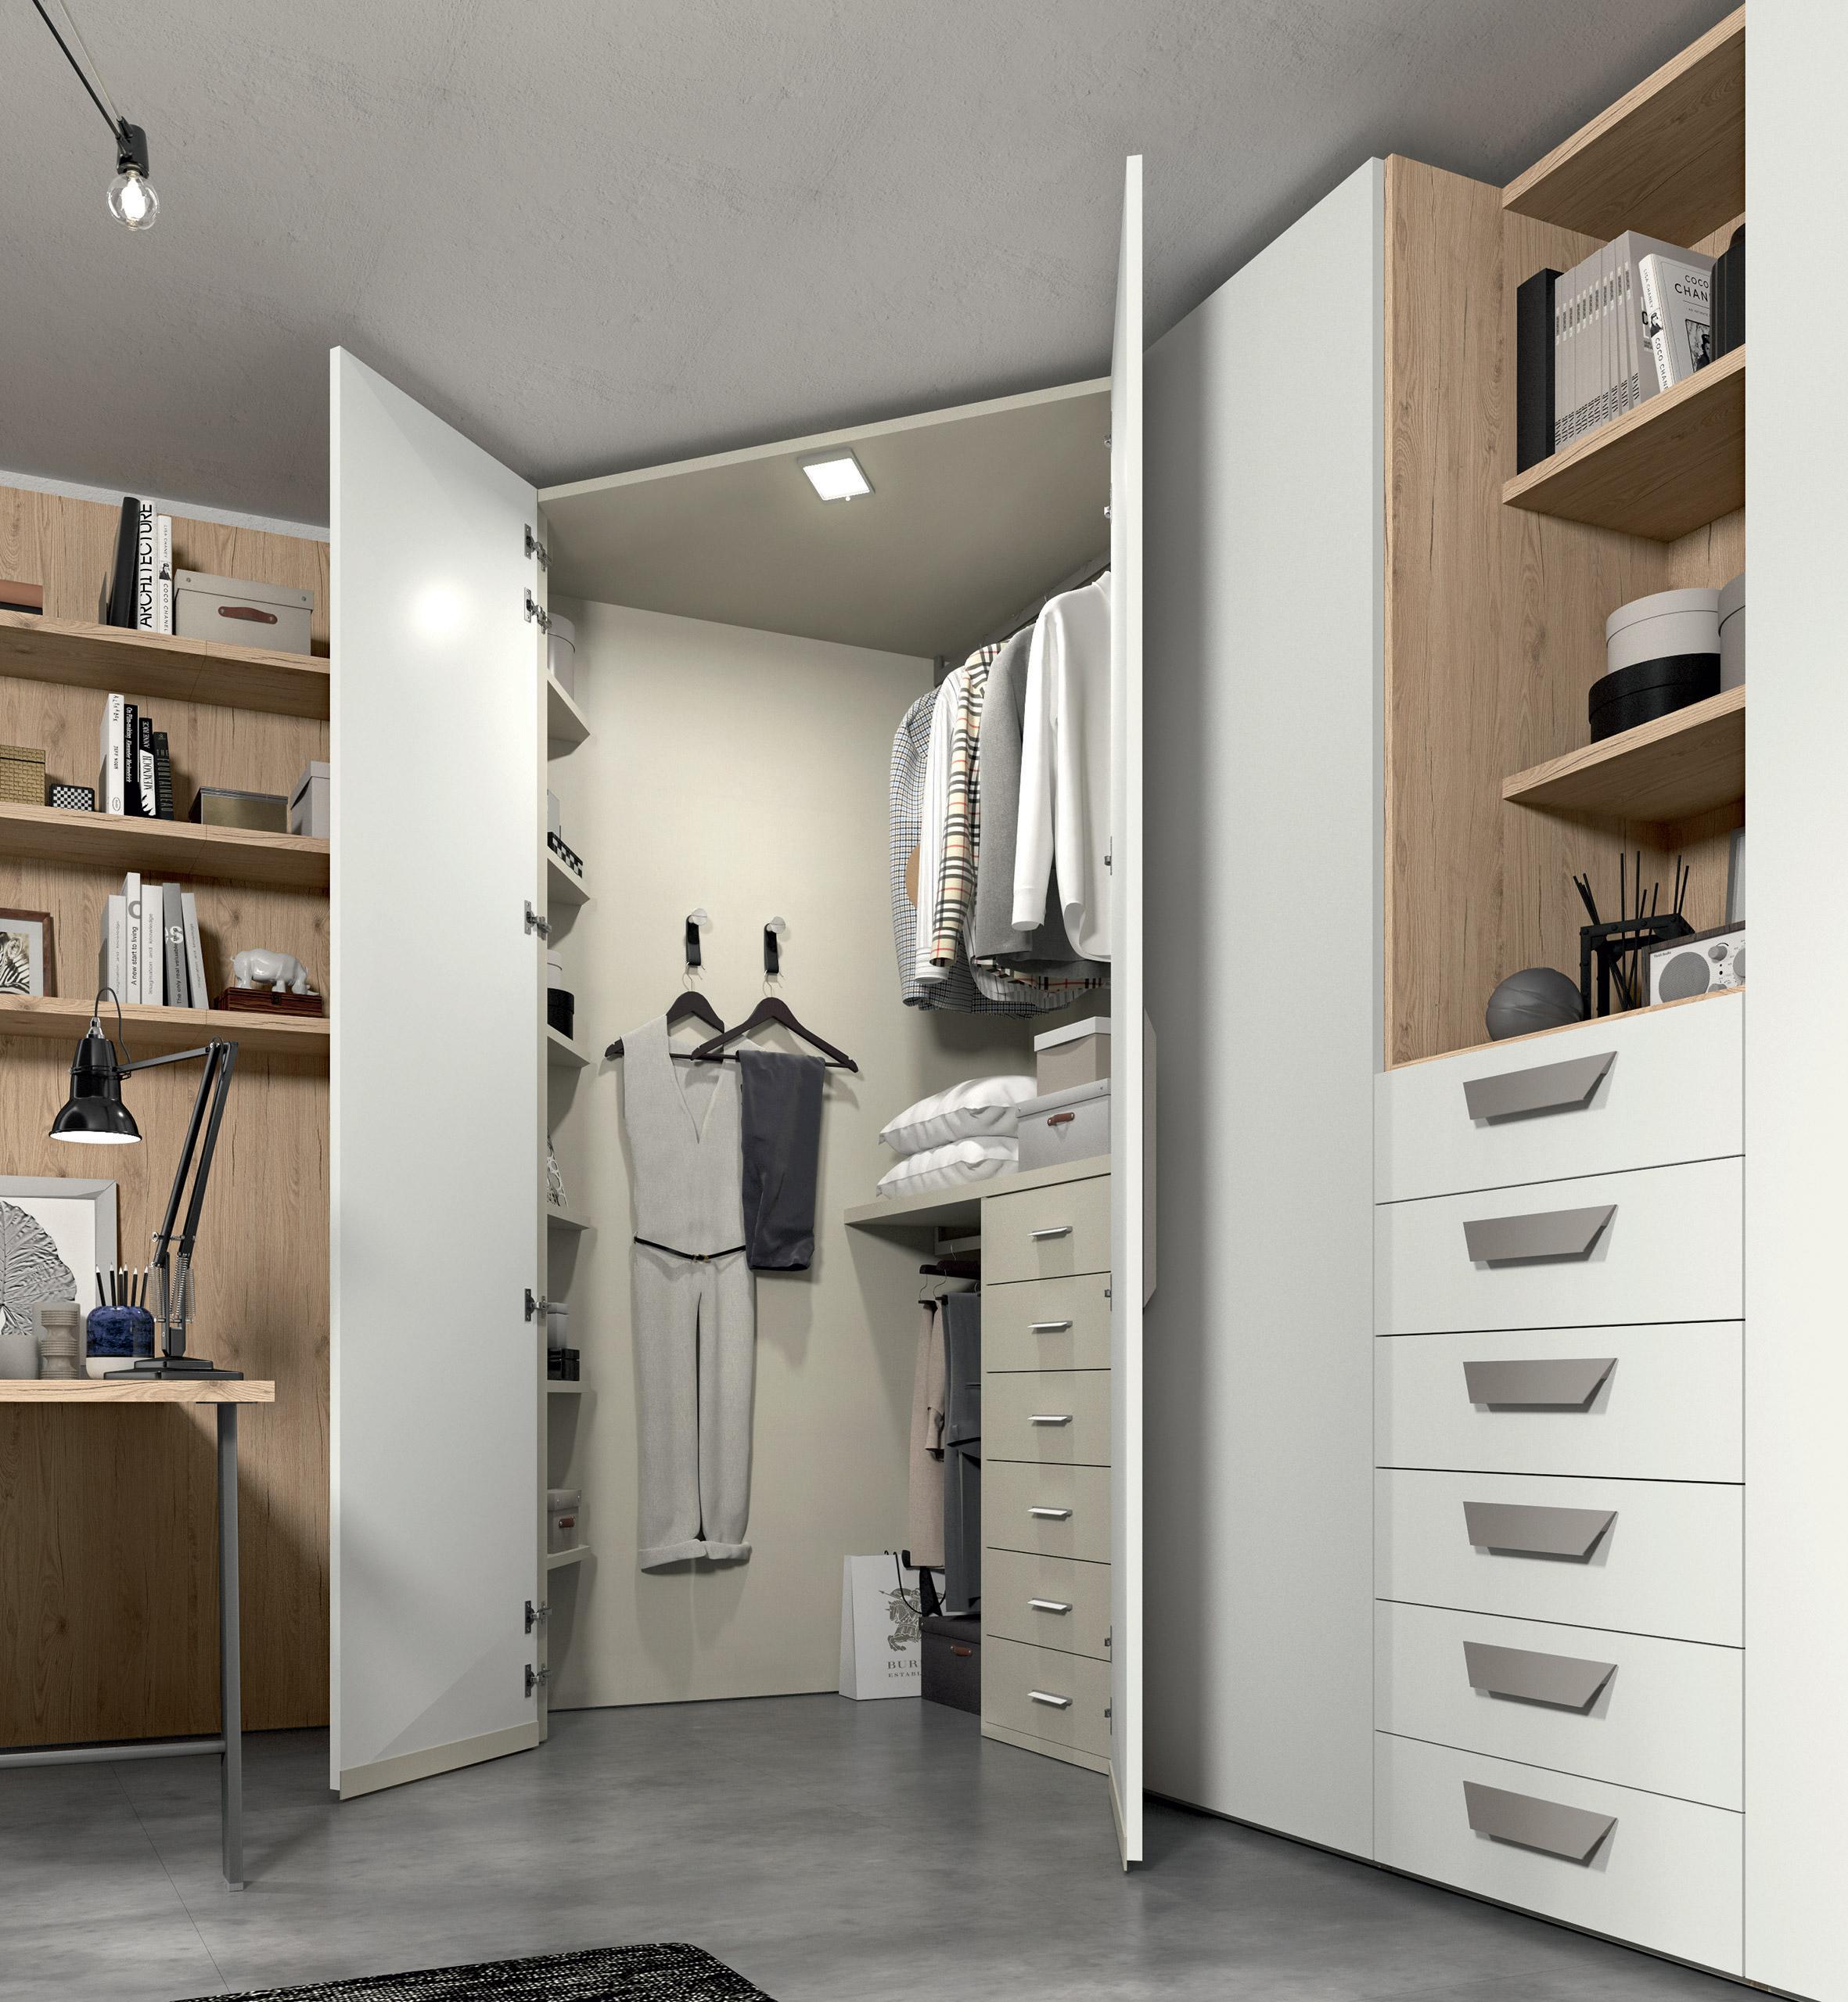 Armadio come scegliere quello ideale per te pensarecasa - Moduli per cabina armadio ...